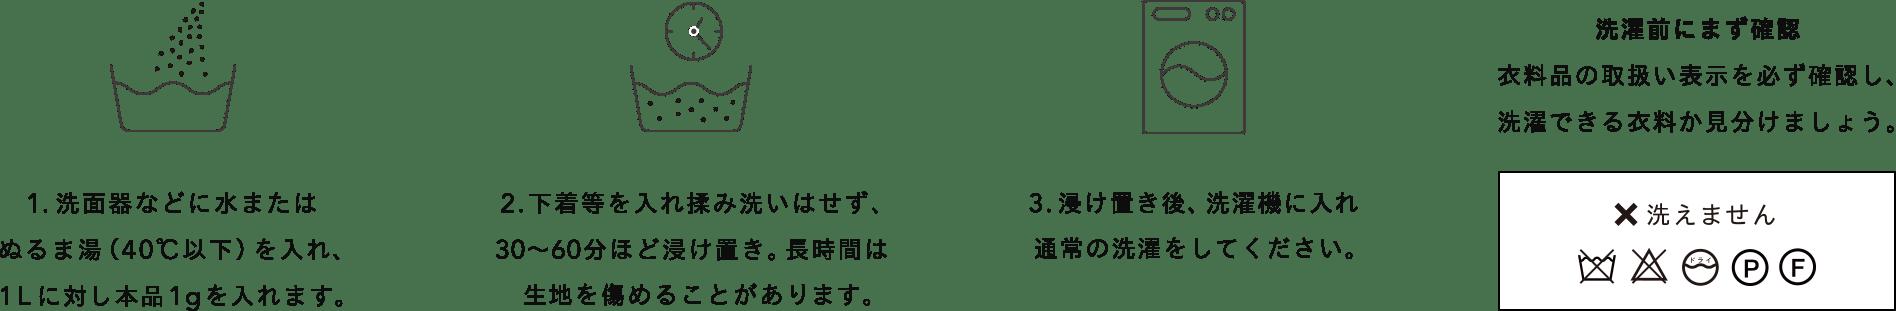 Be-A Japan/ベア ジャパン:ベア ウォッシングパウダー使い方